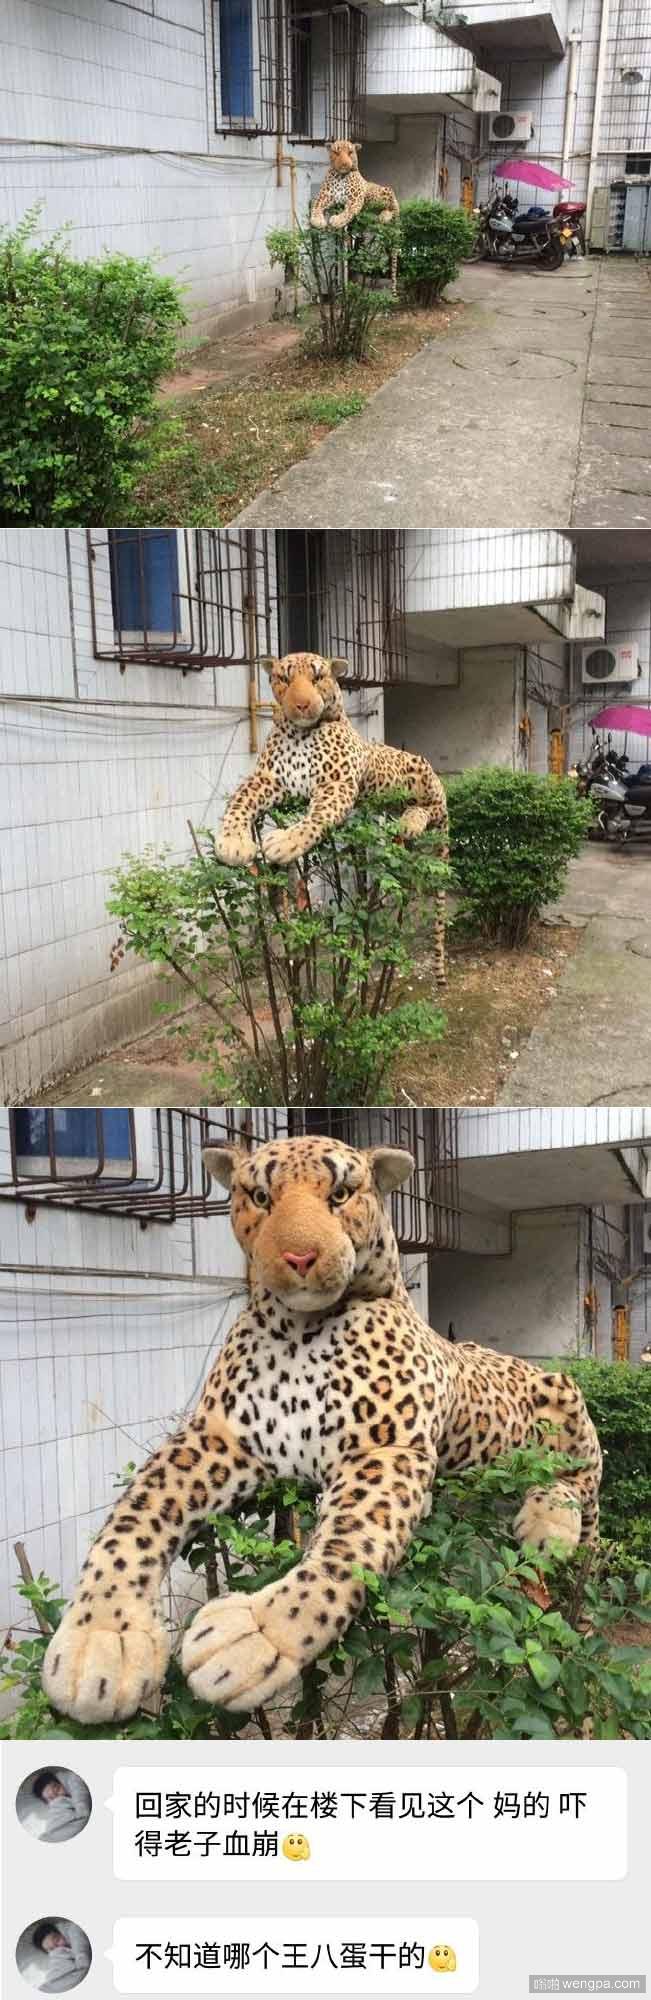 请不要随手丢垃圾 小豹子表示很无辜呢